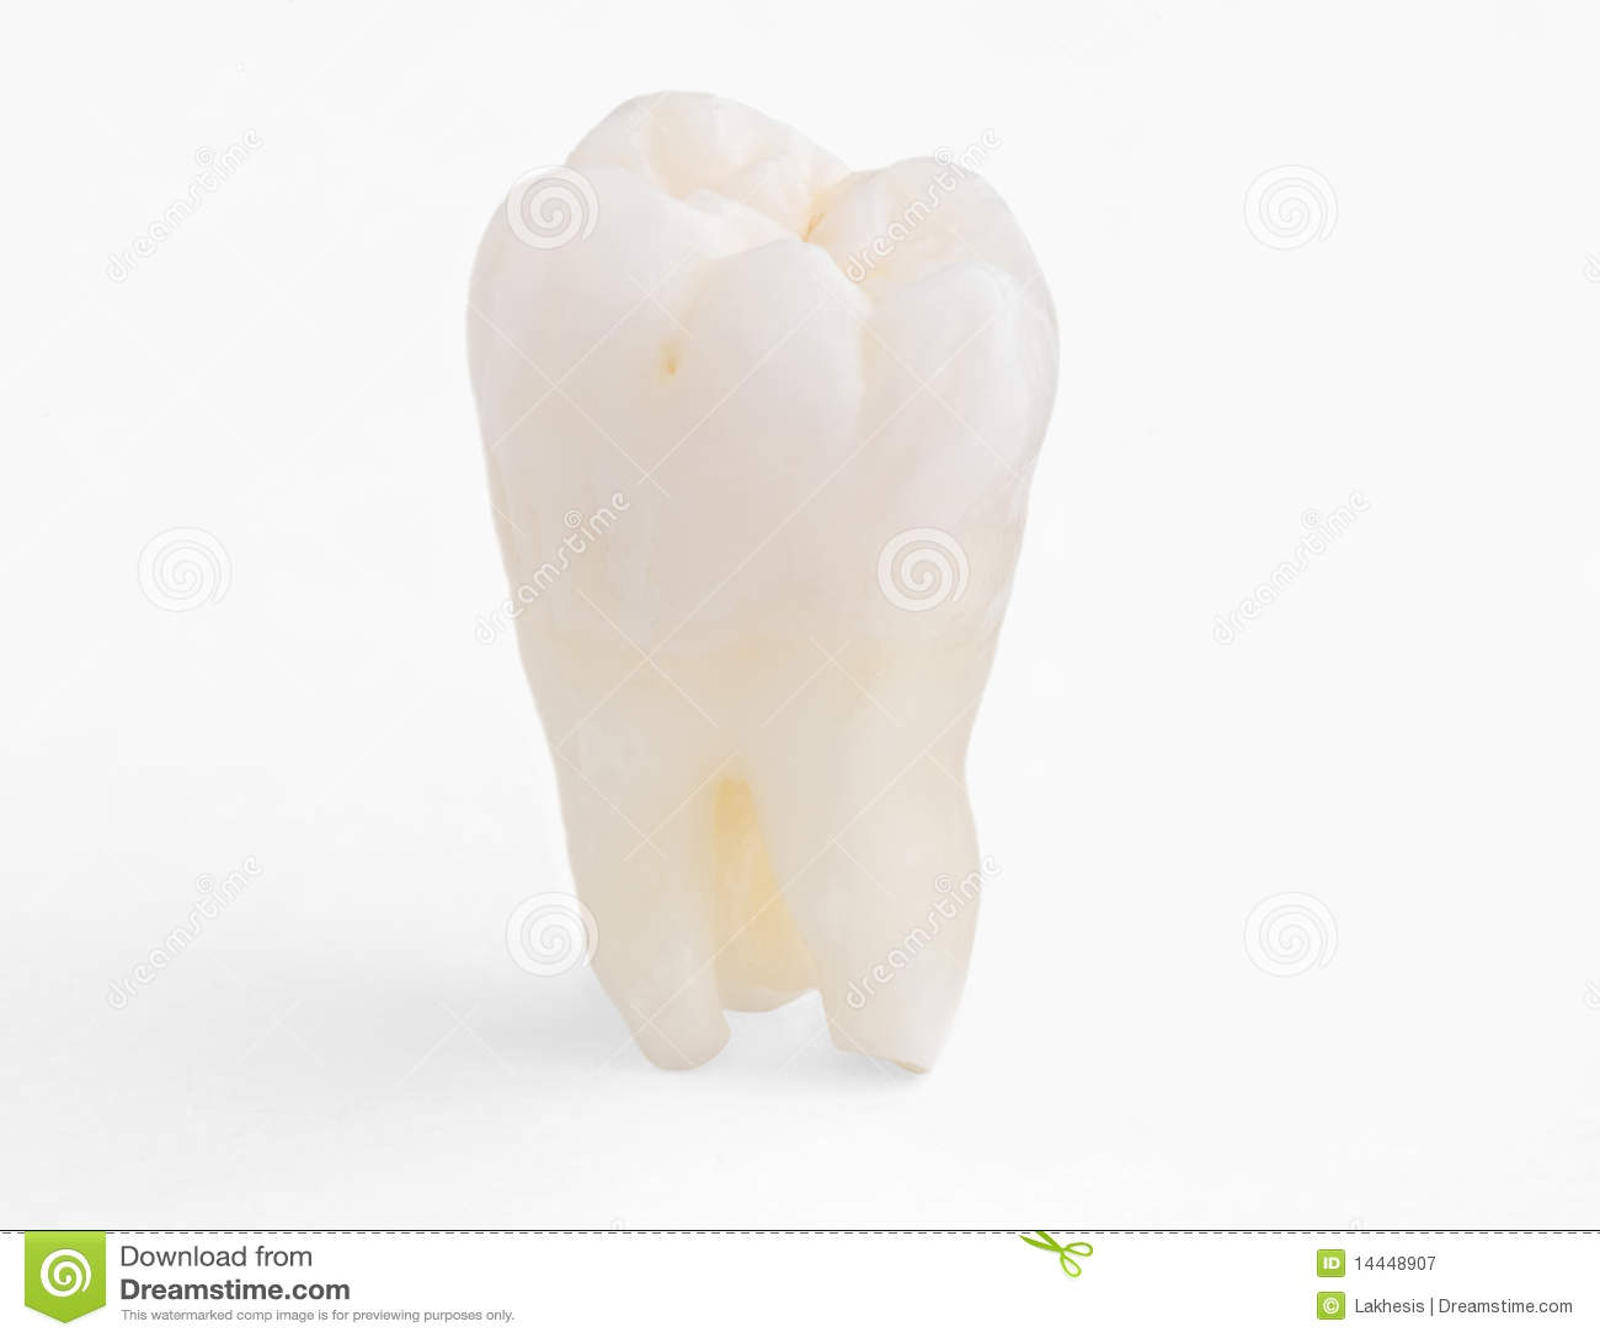 Real human teeth - photo#14